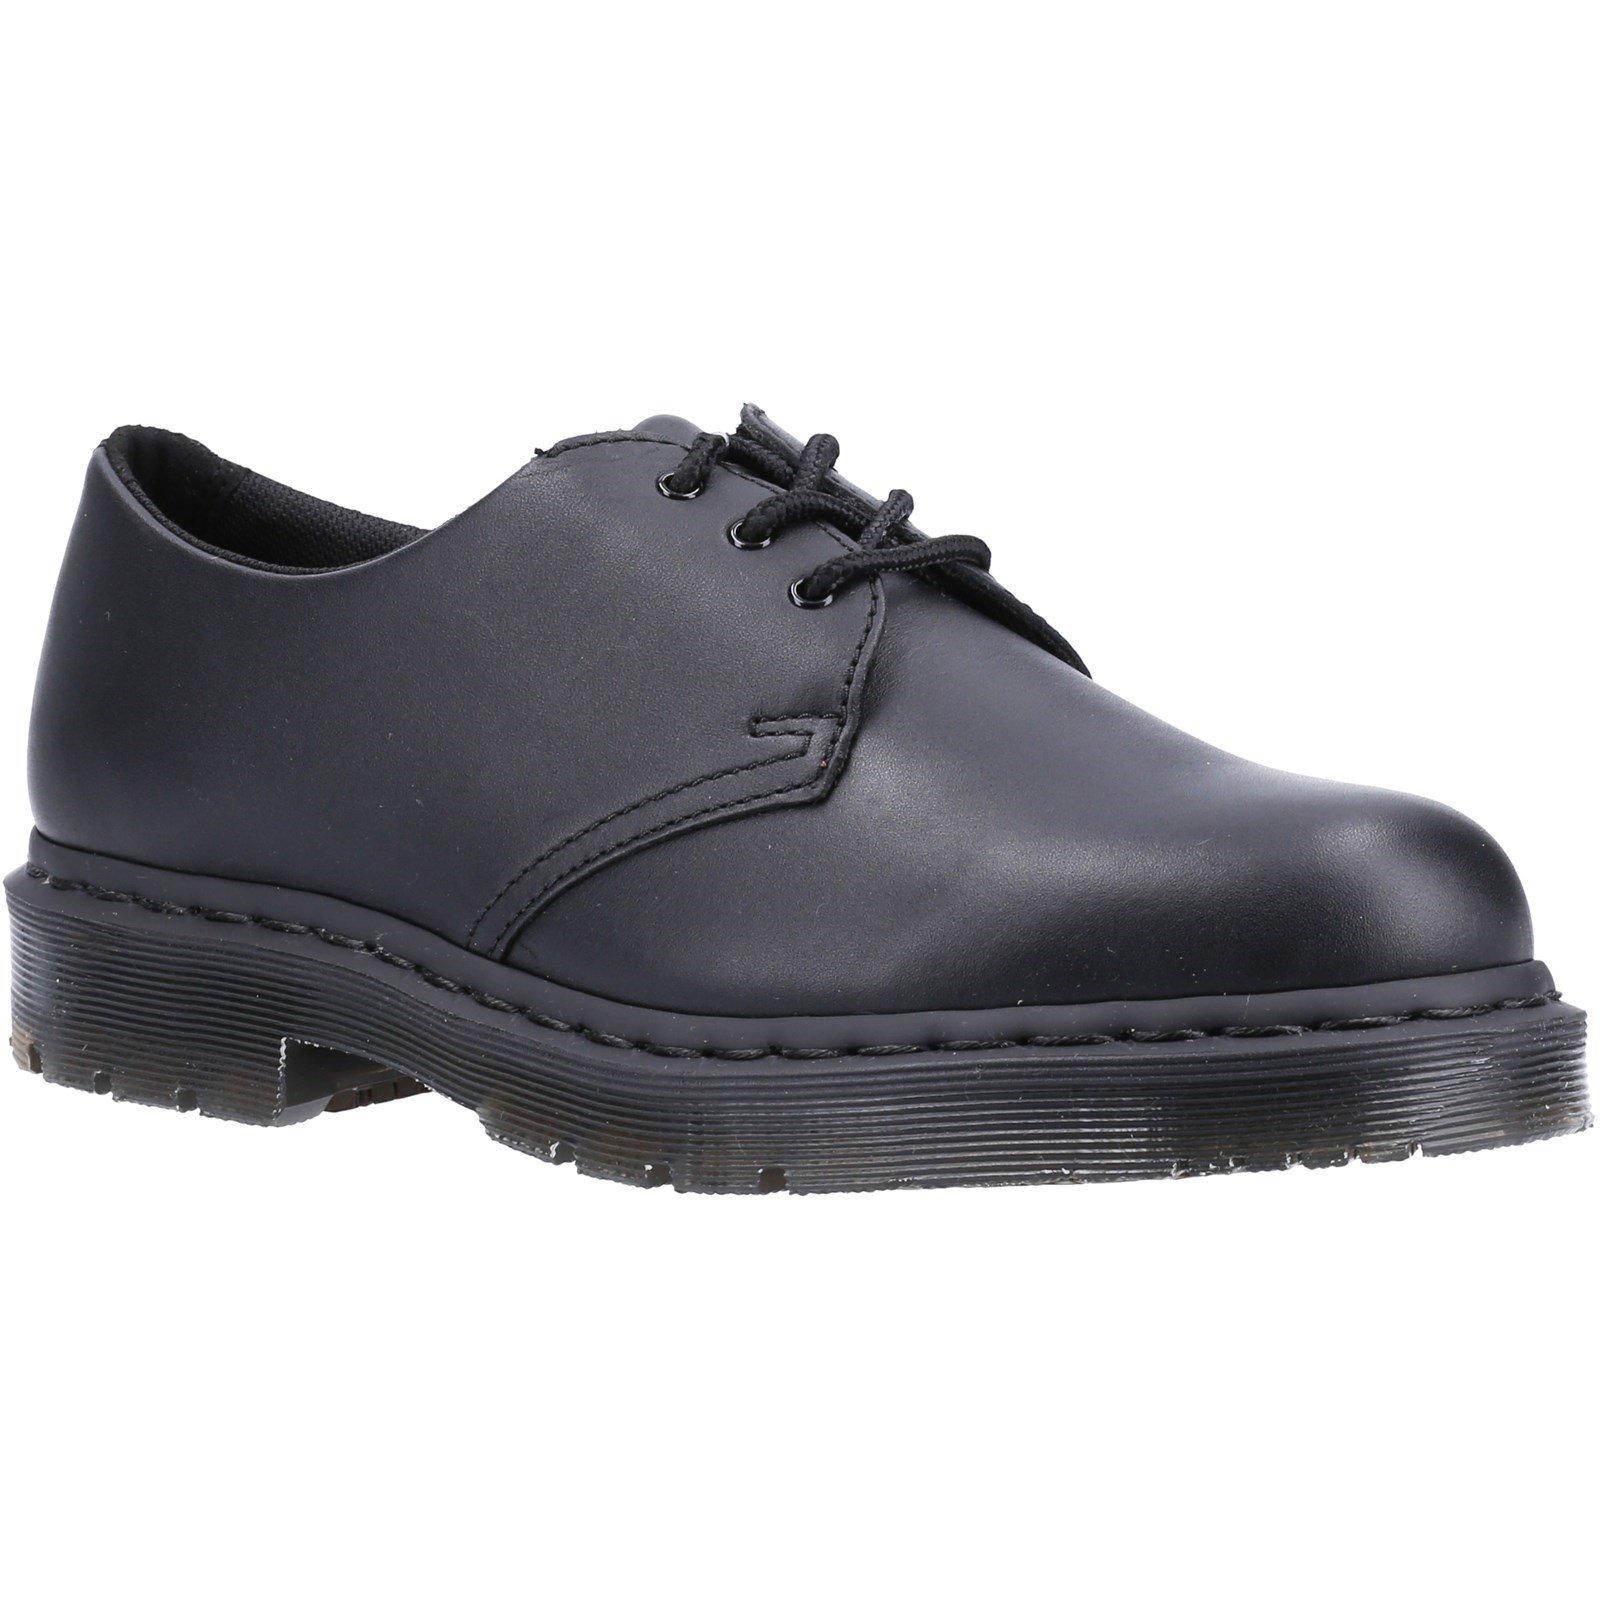 Dr Martens Unisex Mono Slip Resistant Leather Shoes Black 34029 - Black 3